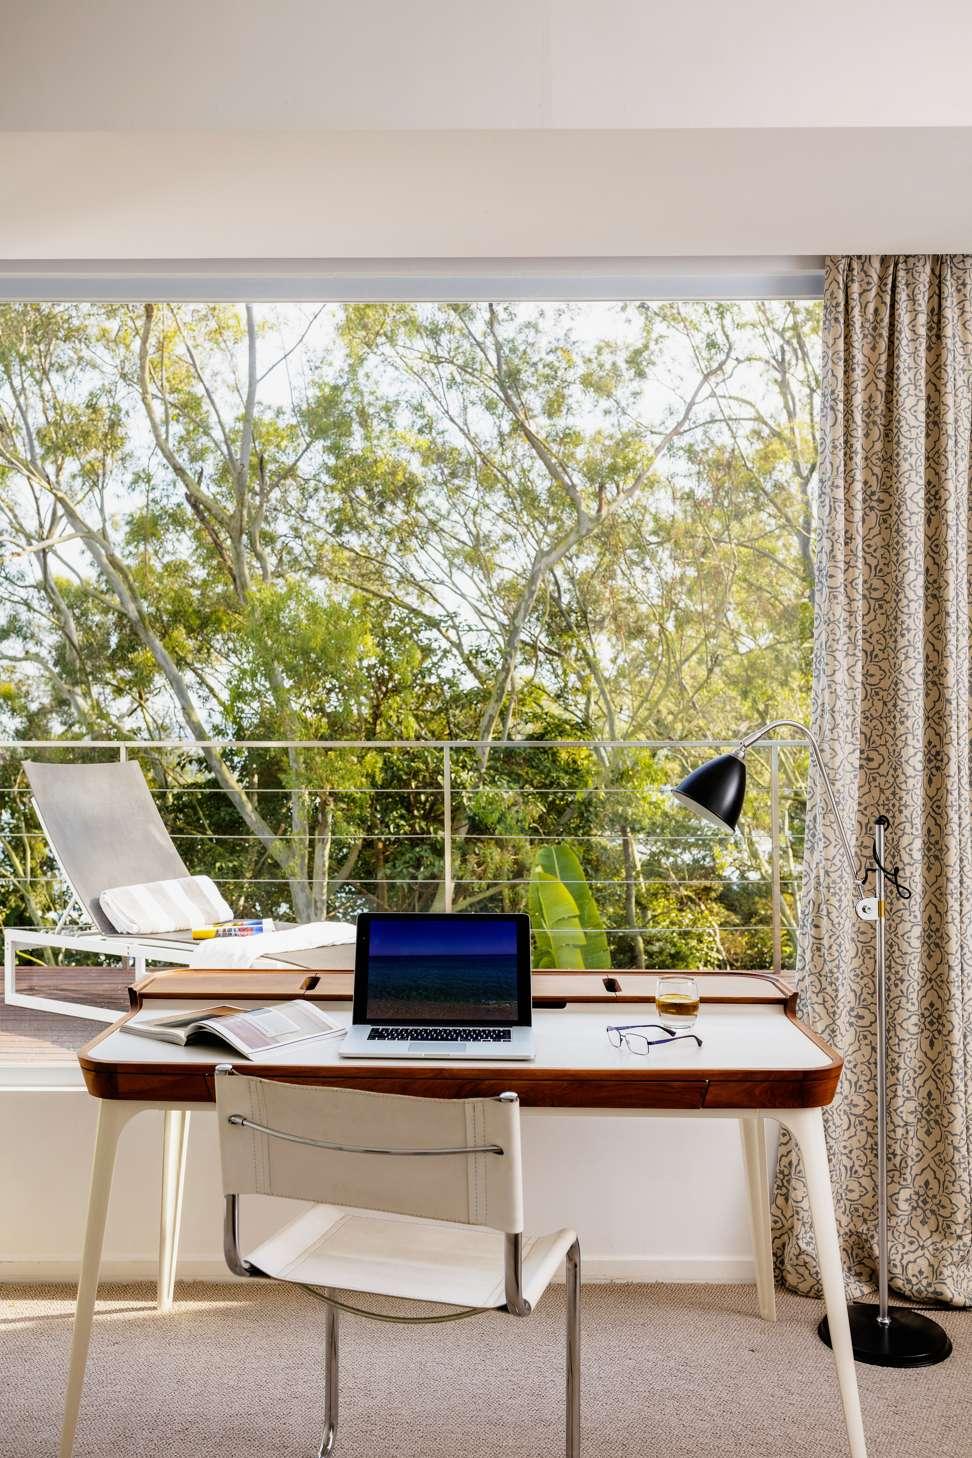 Meet the Australian Feeling in a Modern Home Decor! 5 modern home decor Meet the Australian Feeling in a Modern Home Decor! Meet the Australian Feeling in a Modern Home Decor 5